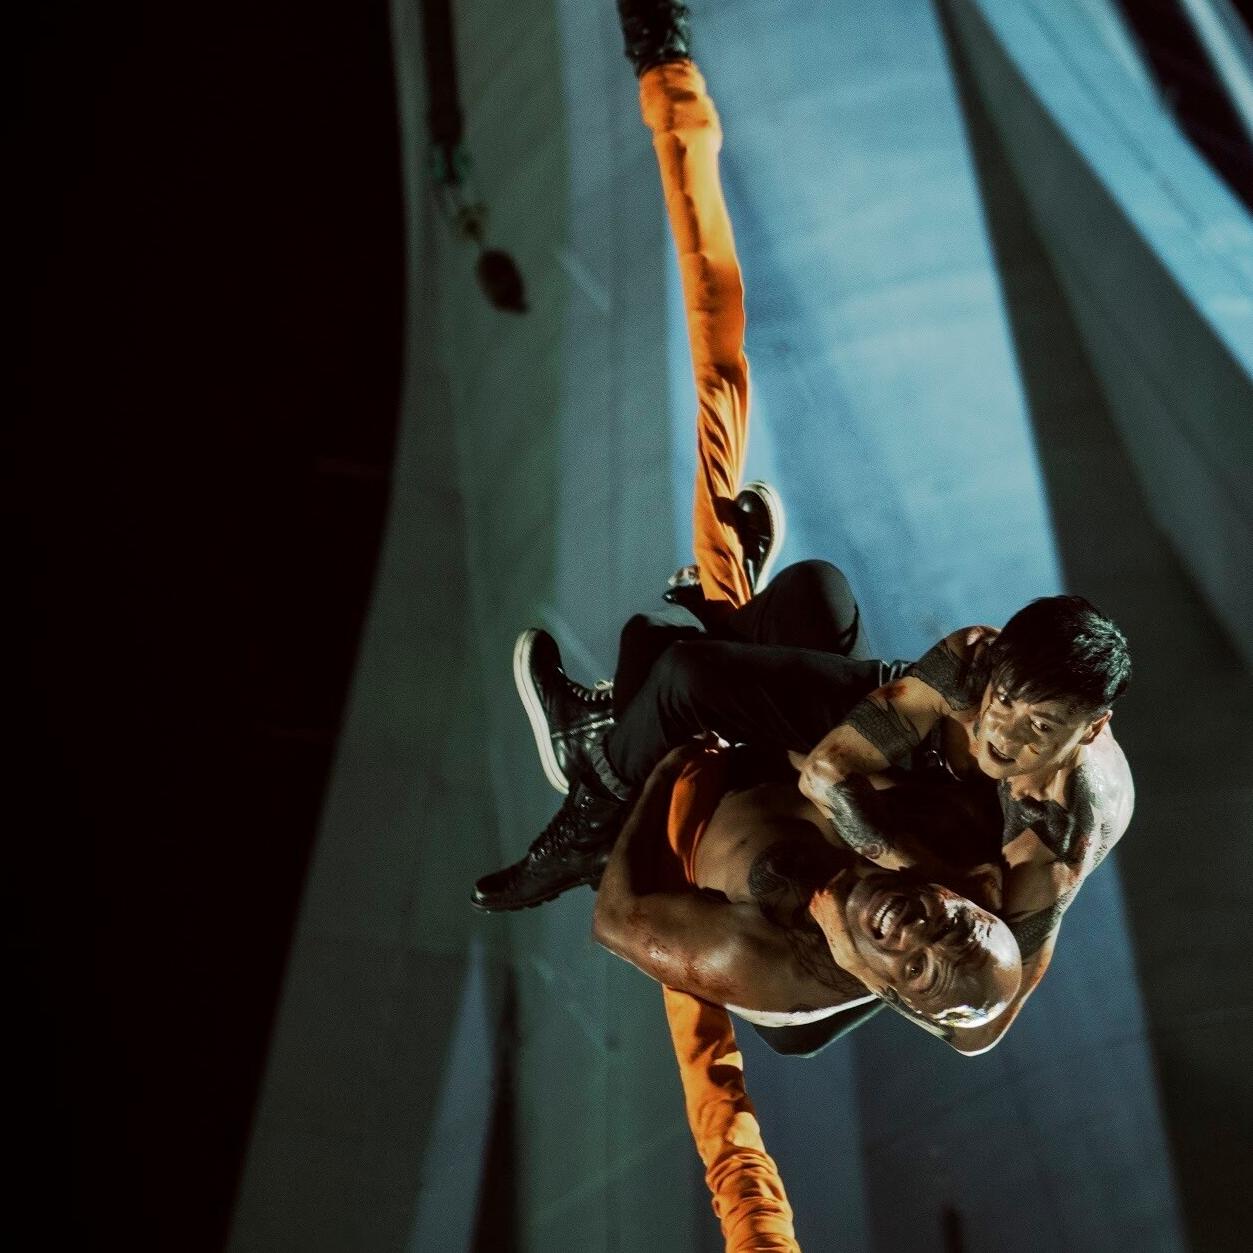 火爆警匪動作強片《九龍不敗》 張晉半裸對決世界拳王 打上澳門高空塔